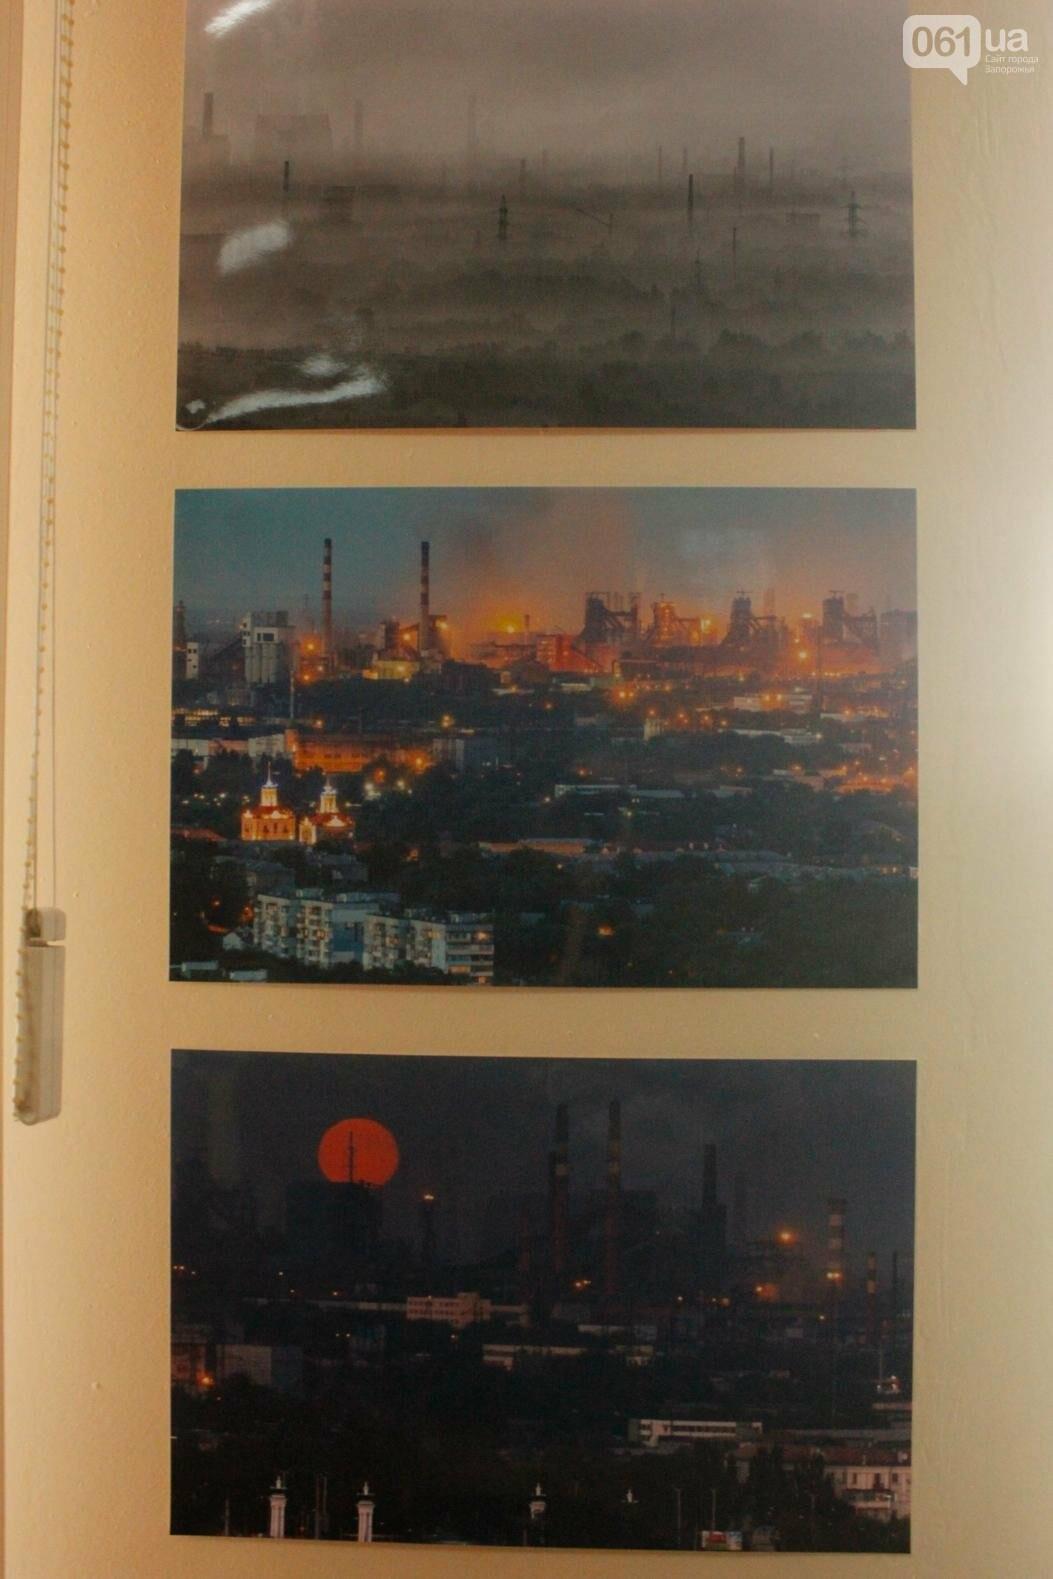 """Организаторы фотовыставки """"Экоцид по-запорожски"""" планируют провести её за границей, - ФОТОРЕПОРТАЖ, фото-18"""